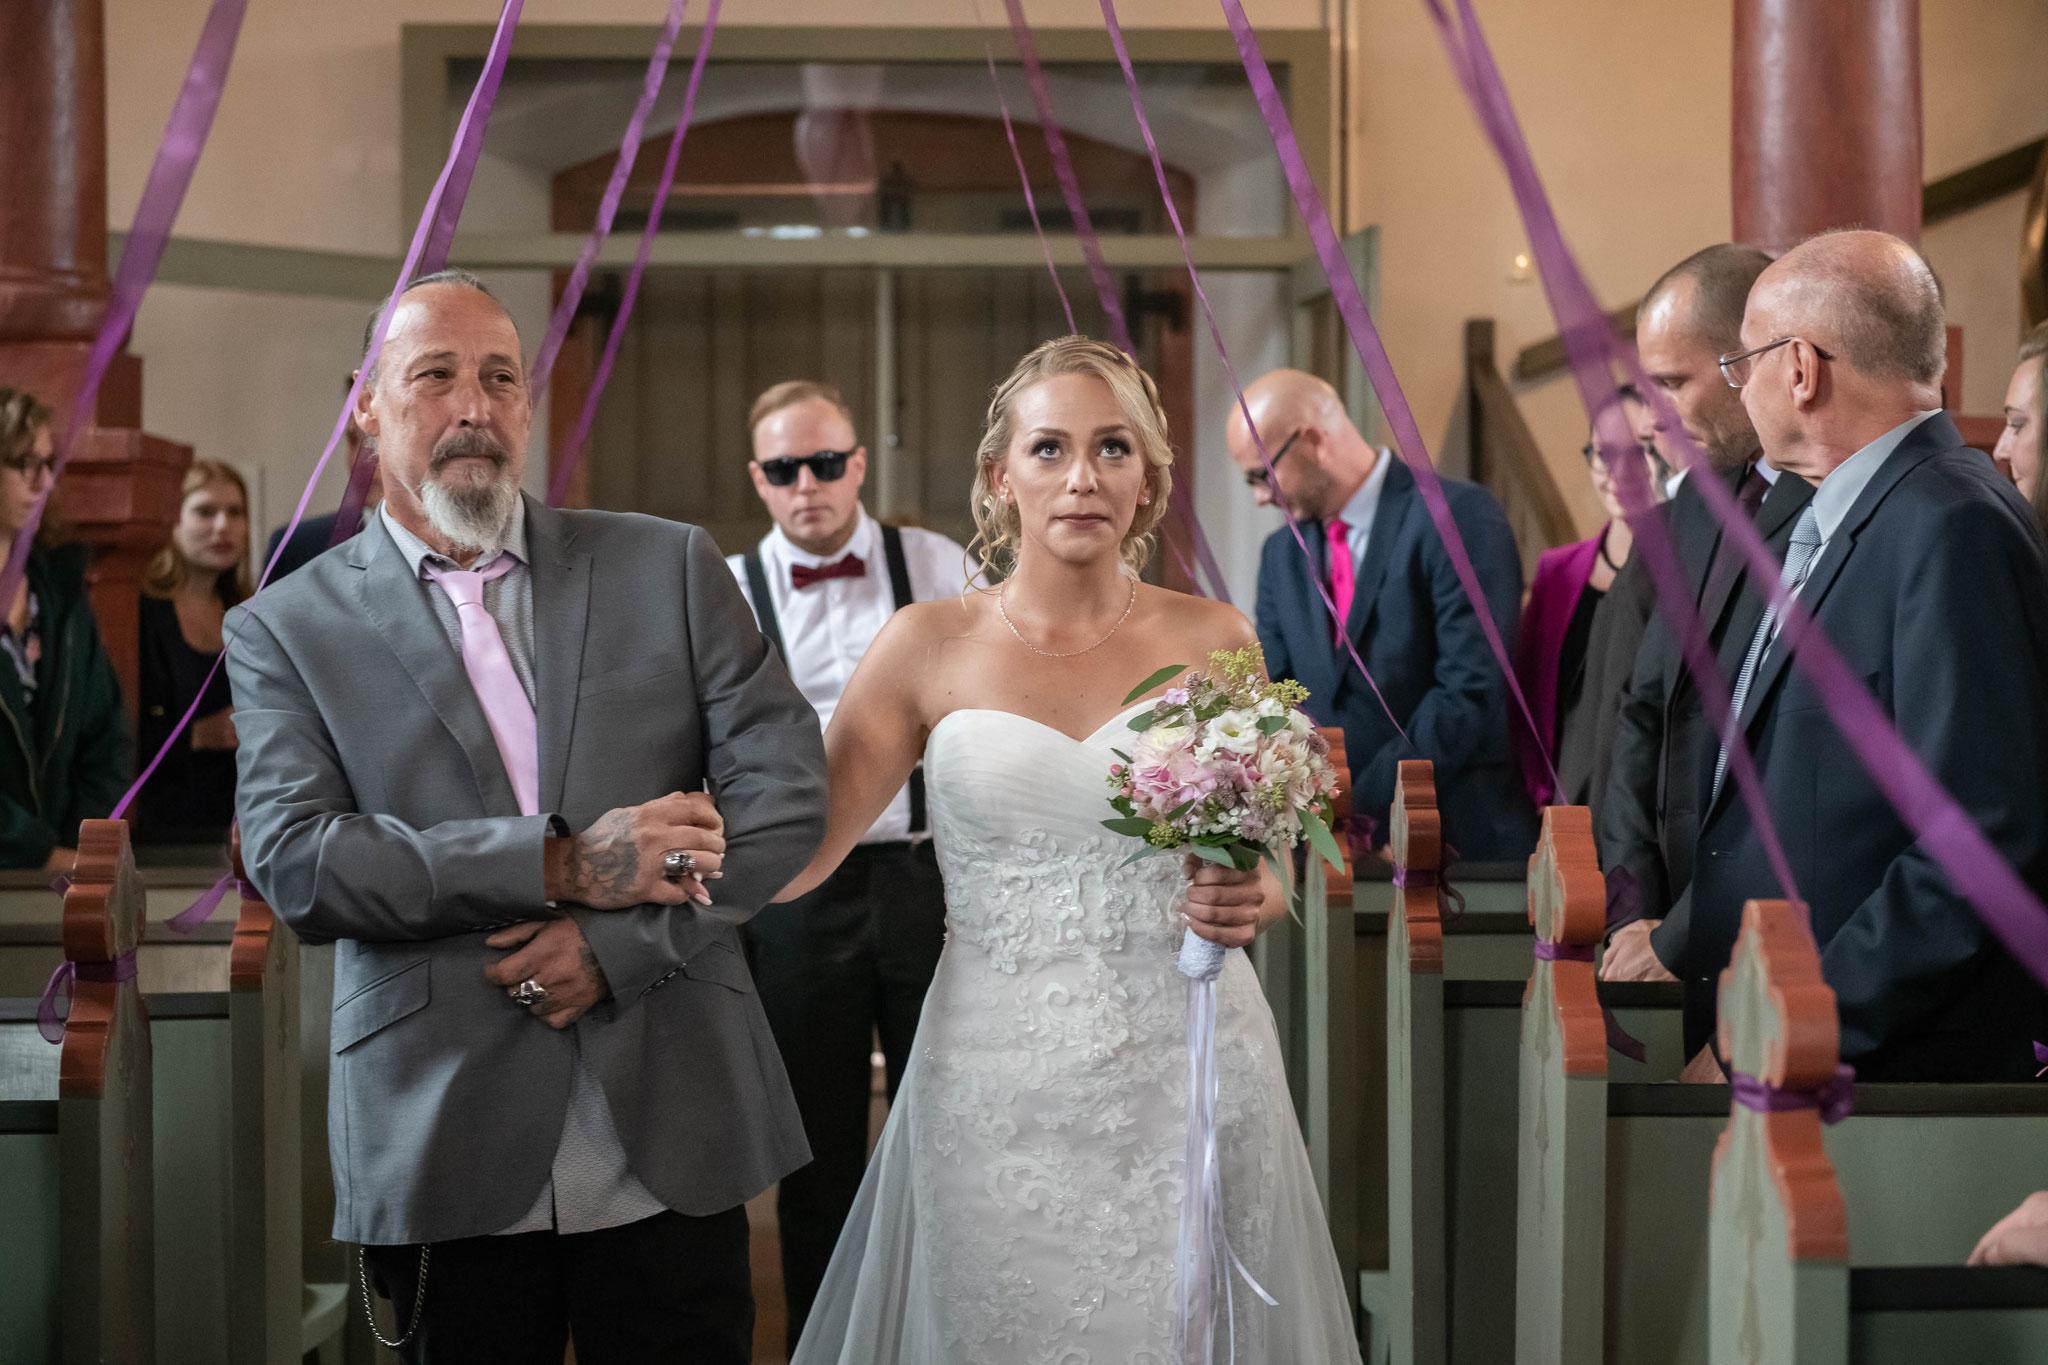 Vater führt führt die Tochter zum Bräutigam